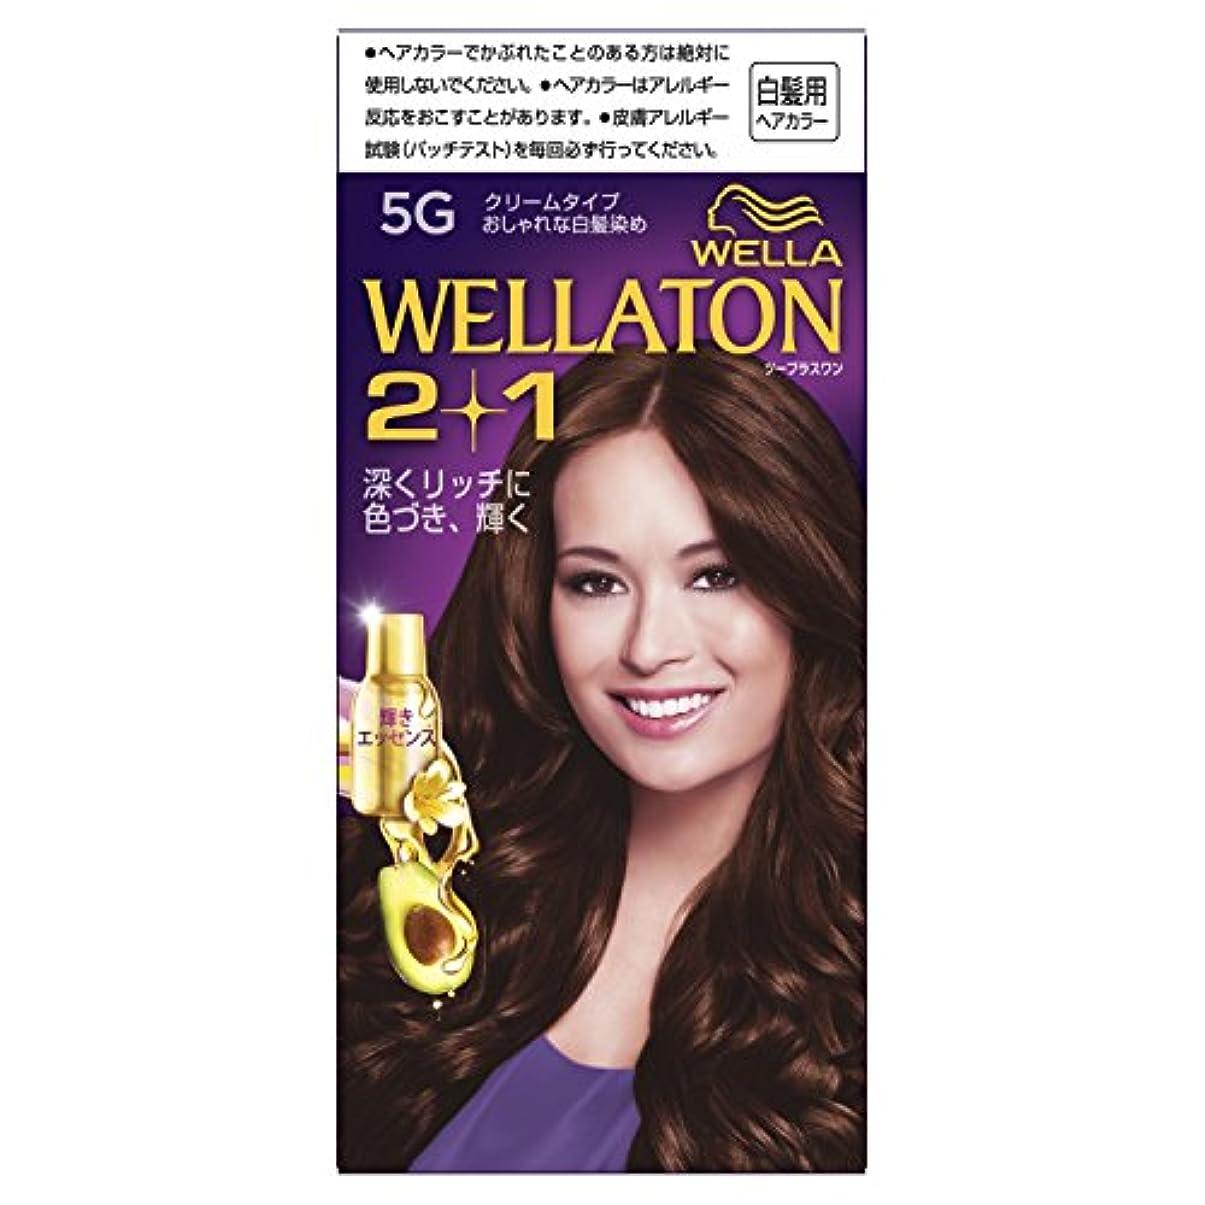 検出器水を飲む選択ウエラトーン2+1 クリームタイプ 5G [医薬部外品](おしゃれな白髪染め)